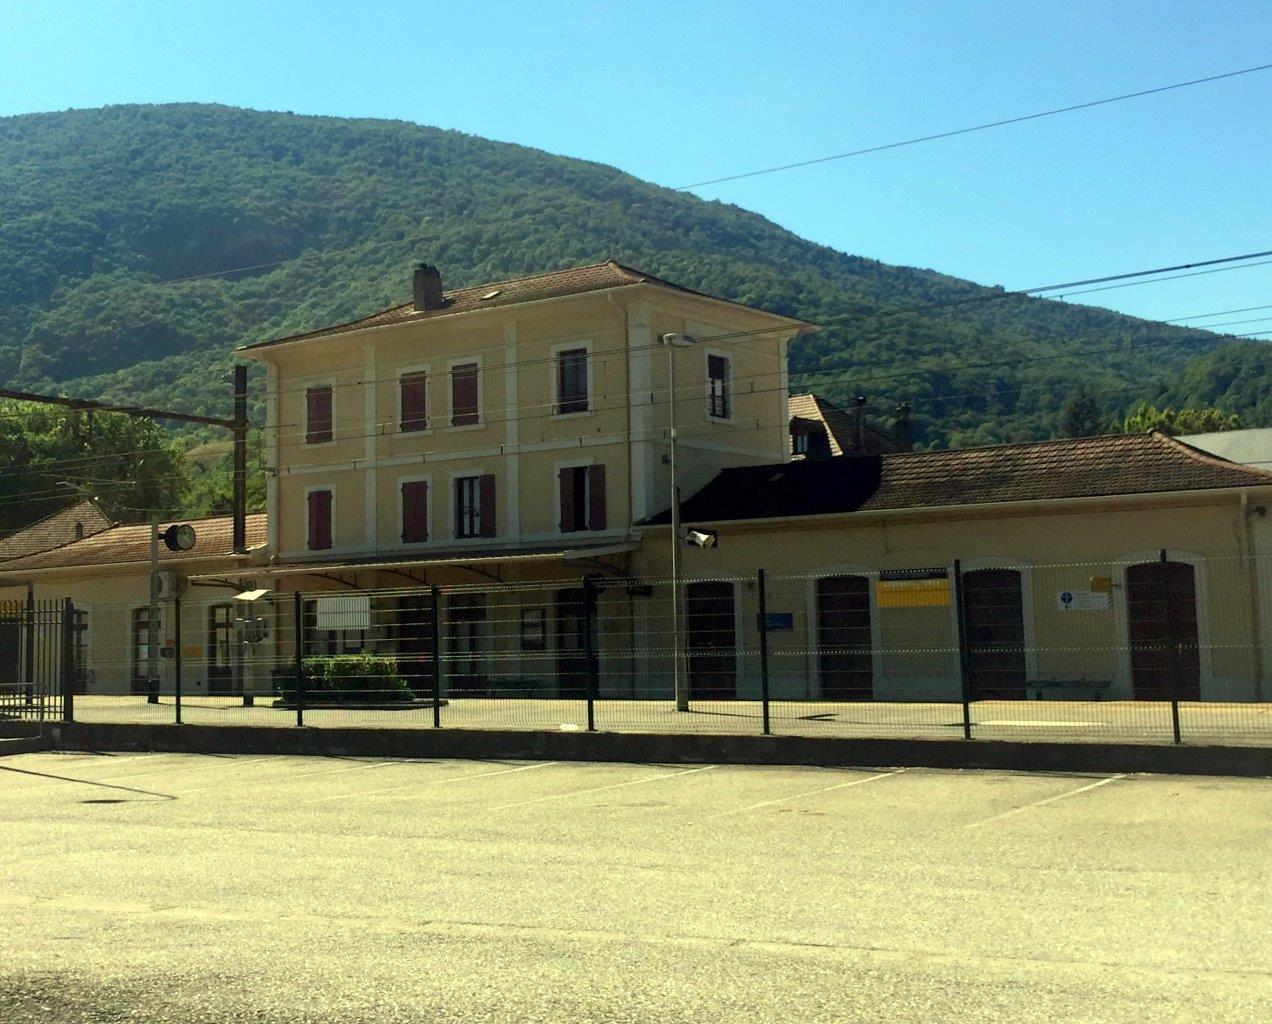 gare-de-virieu-le-grand-belley-train-station